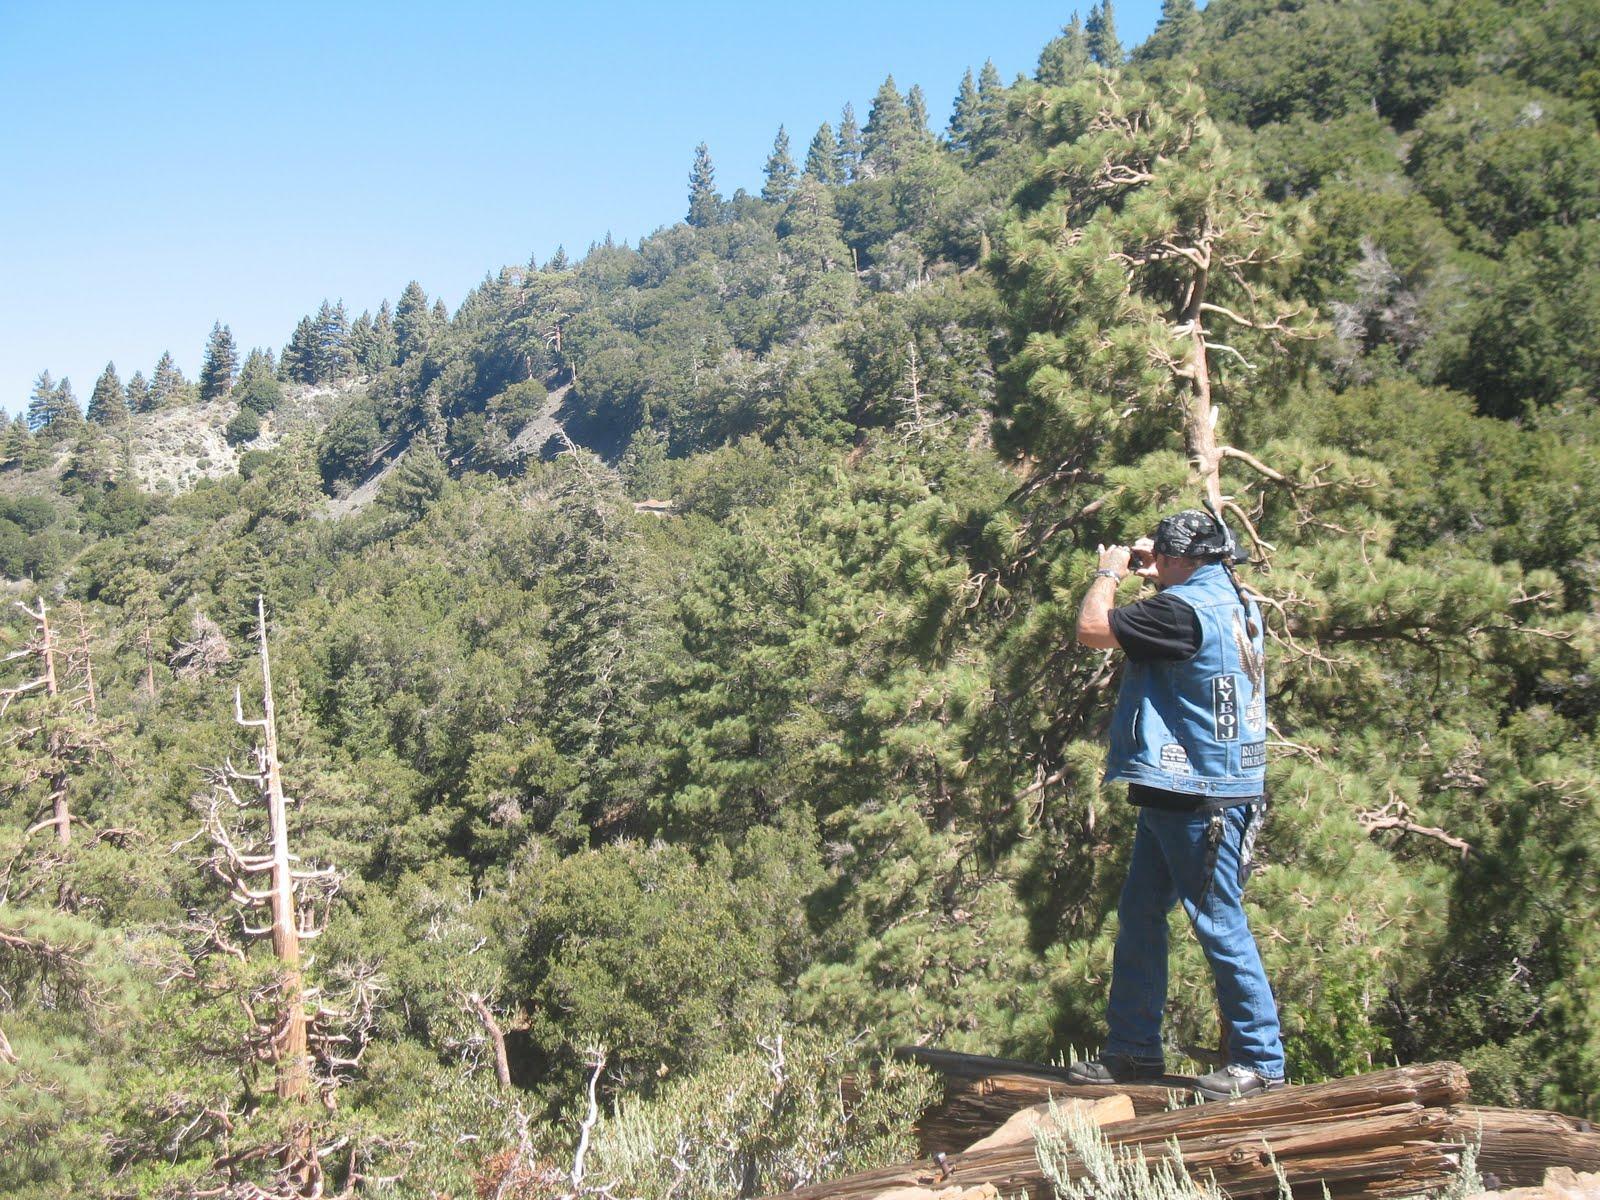 http://4.bp.blogspot.com/_YsDJM_vC5MM/THC8YWa8q1I/AAAAAAAAAUk/XoM0lBuVzpQ/s1600/Pastor+Denver+taking+a+pic.JPG